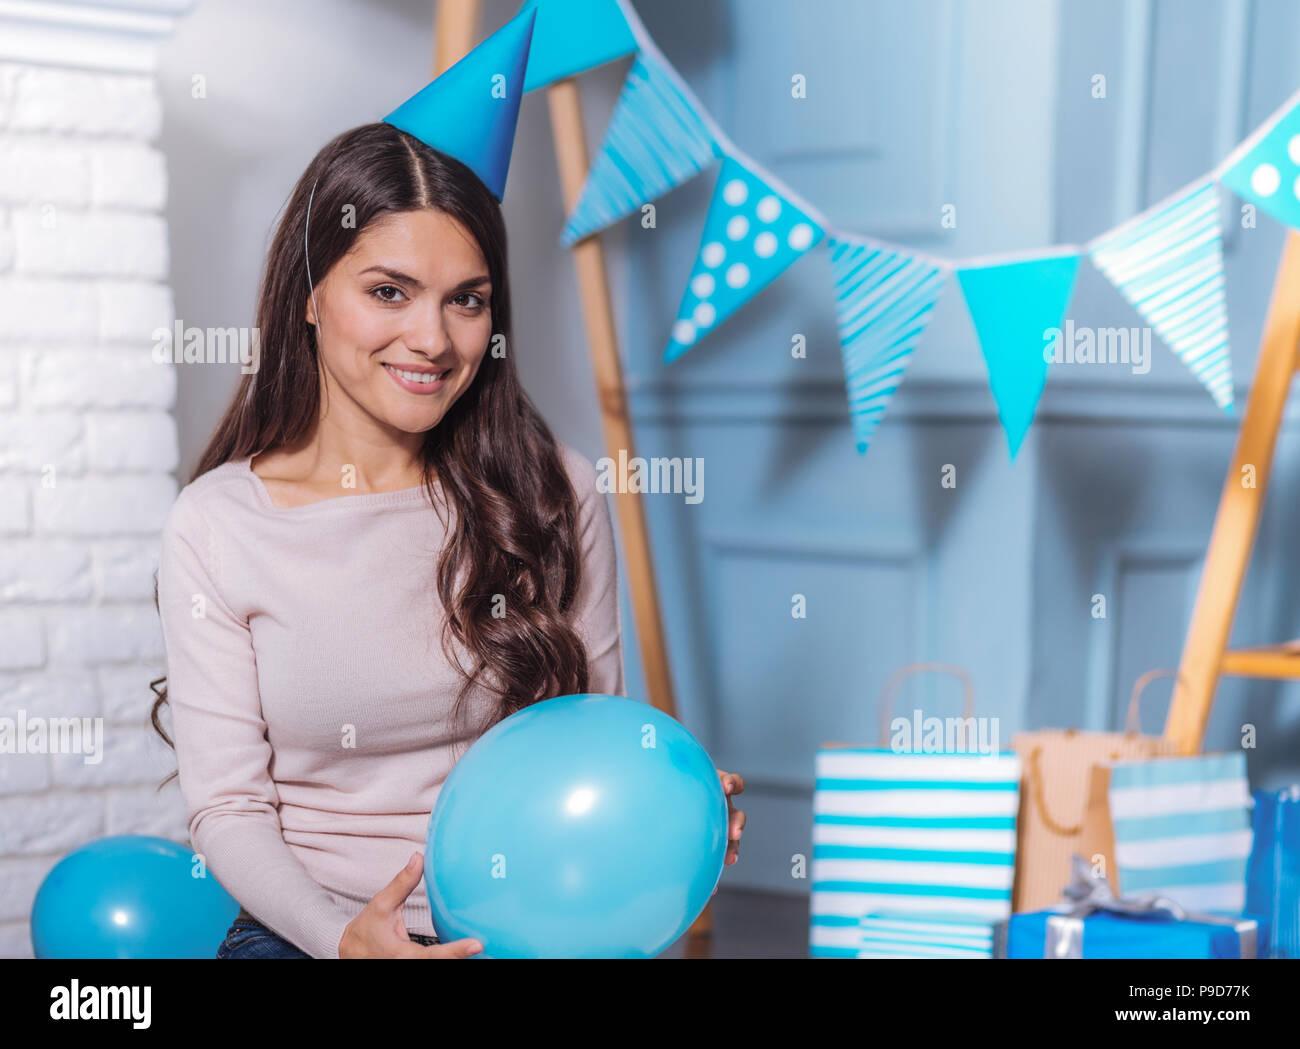 Ragazza allegra avente festa di compleanno Immagini Stock